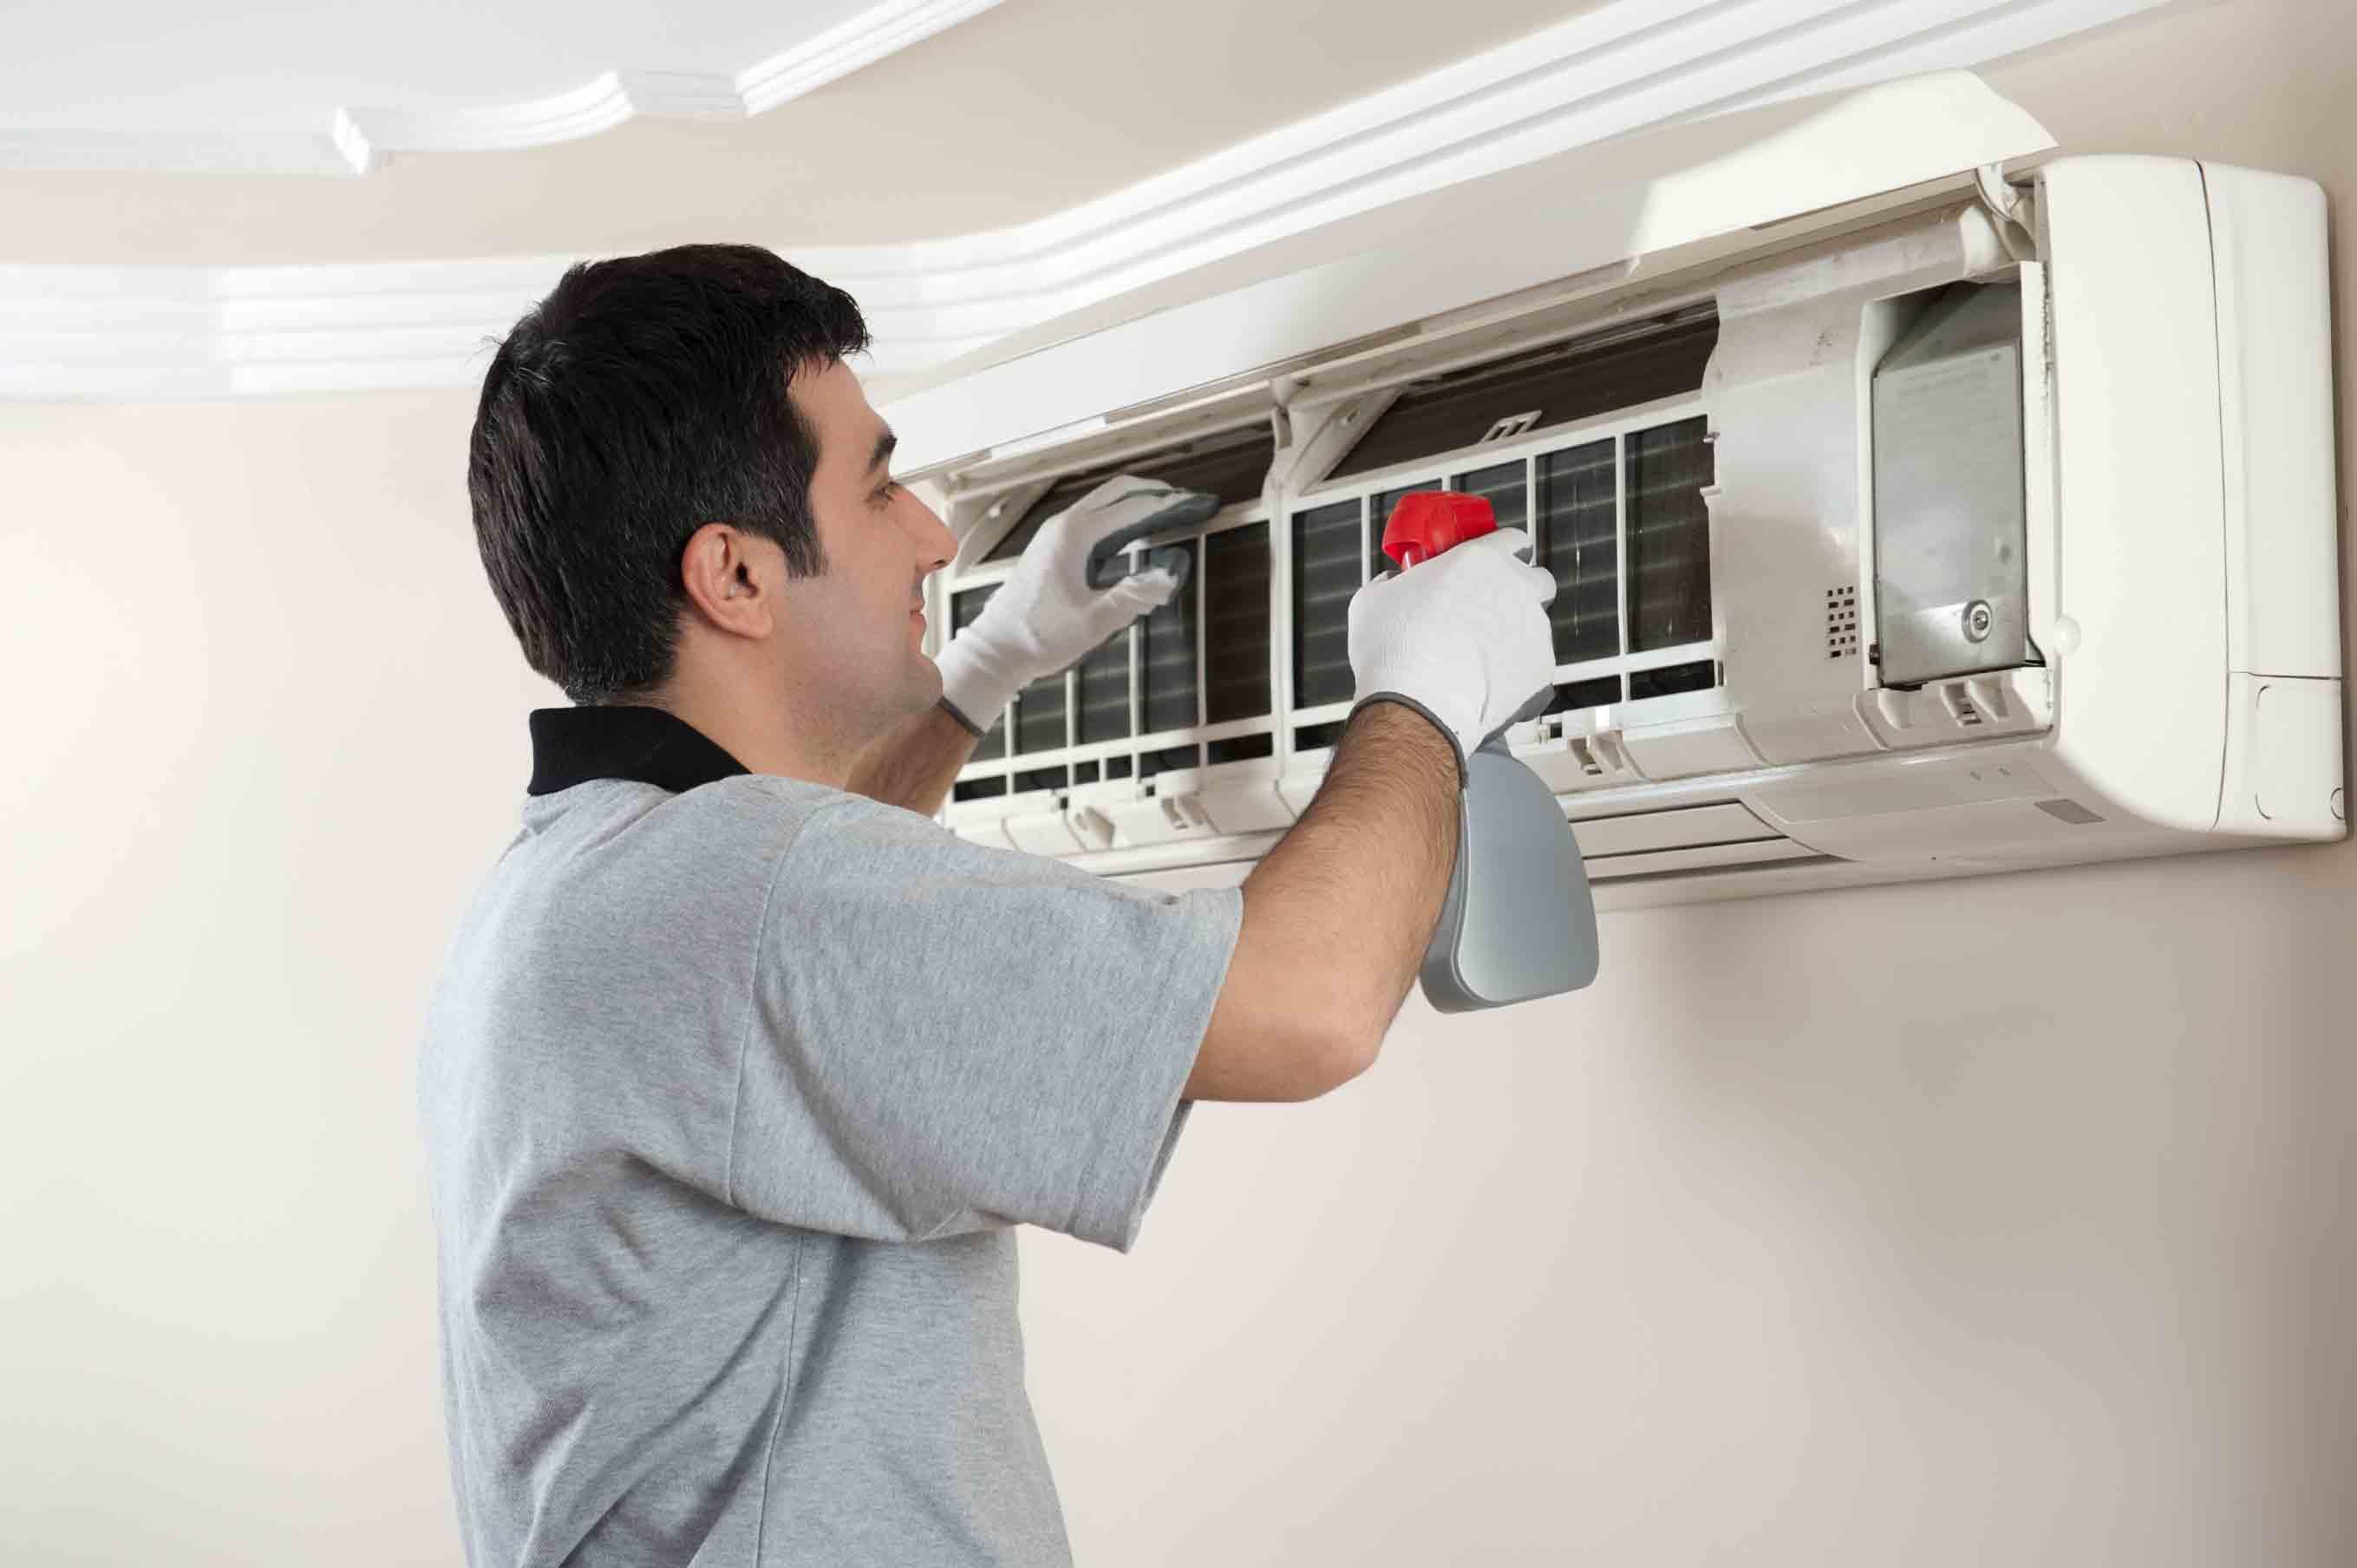 klima arızası, tamiri ve onarımı